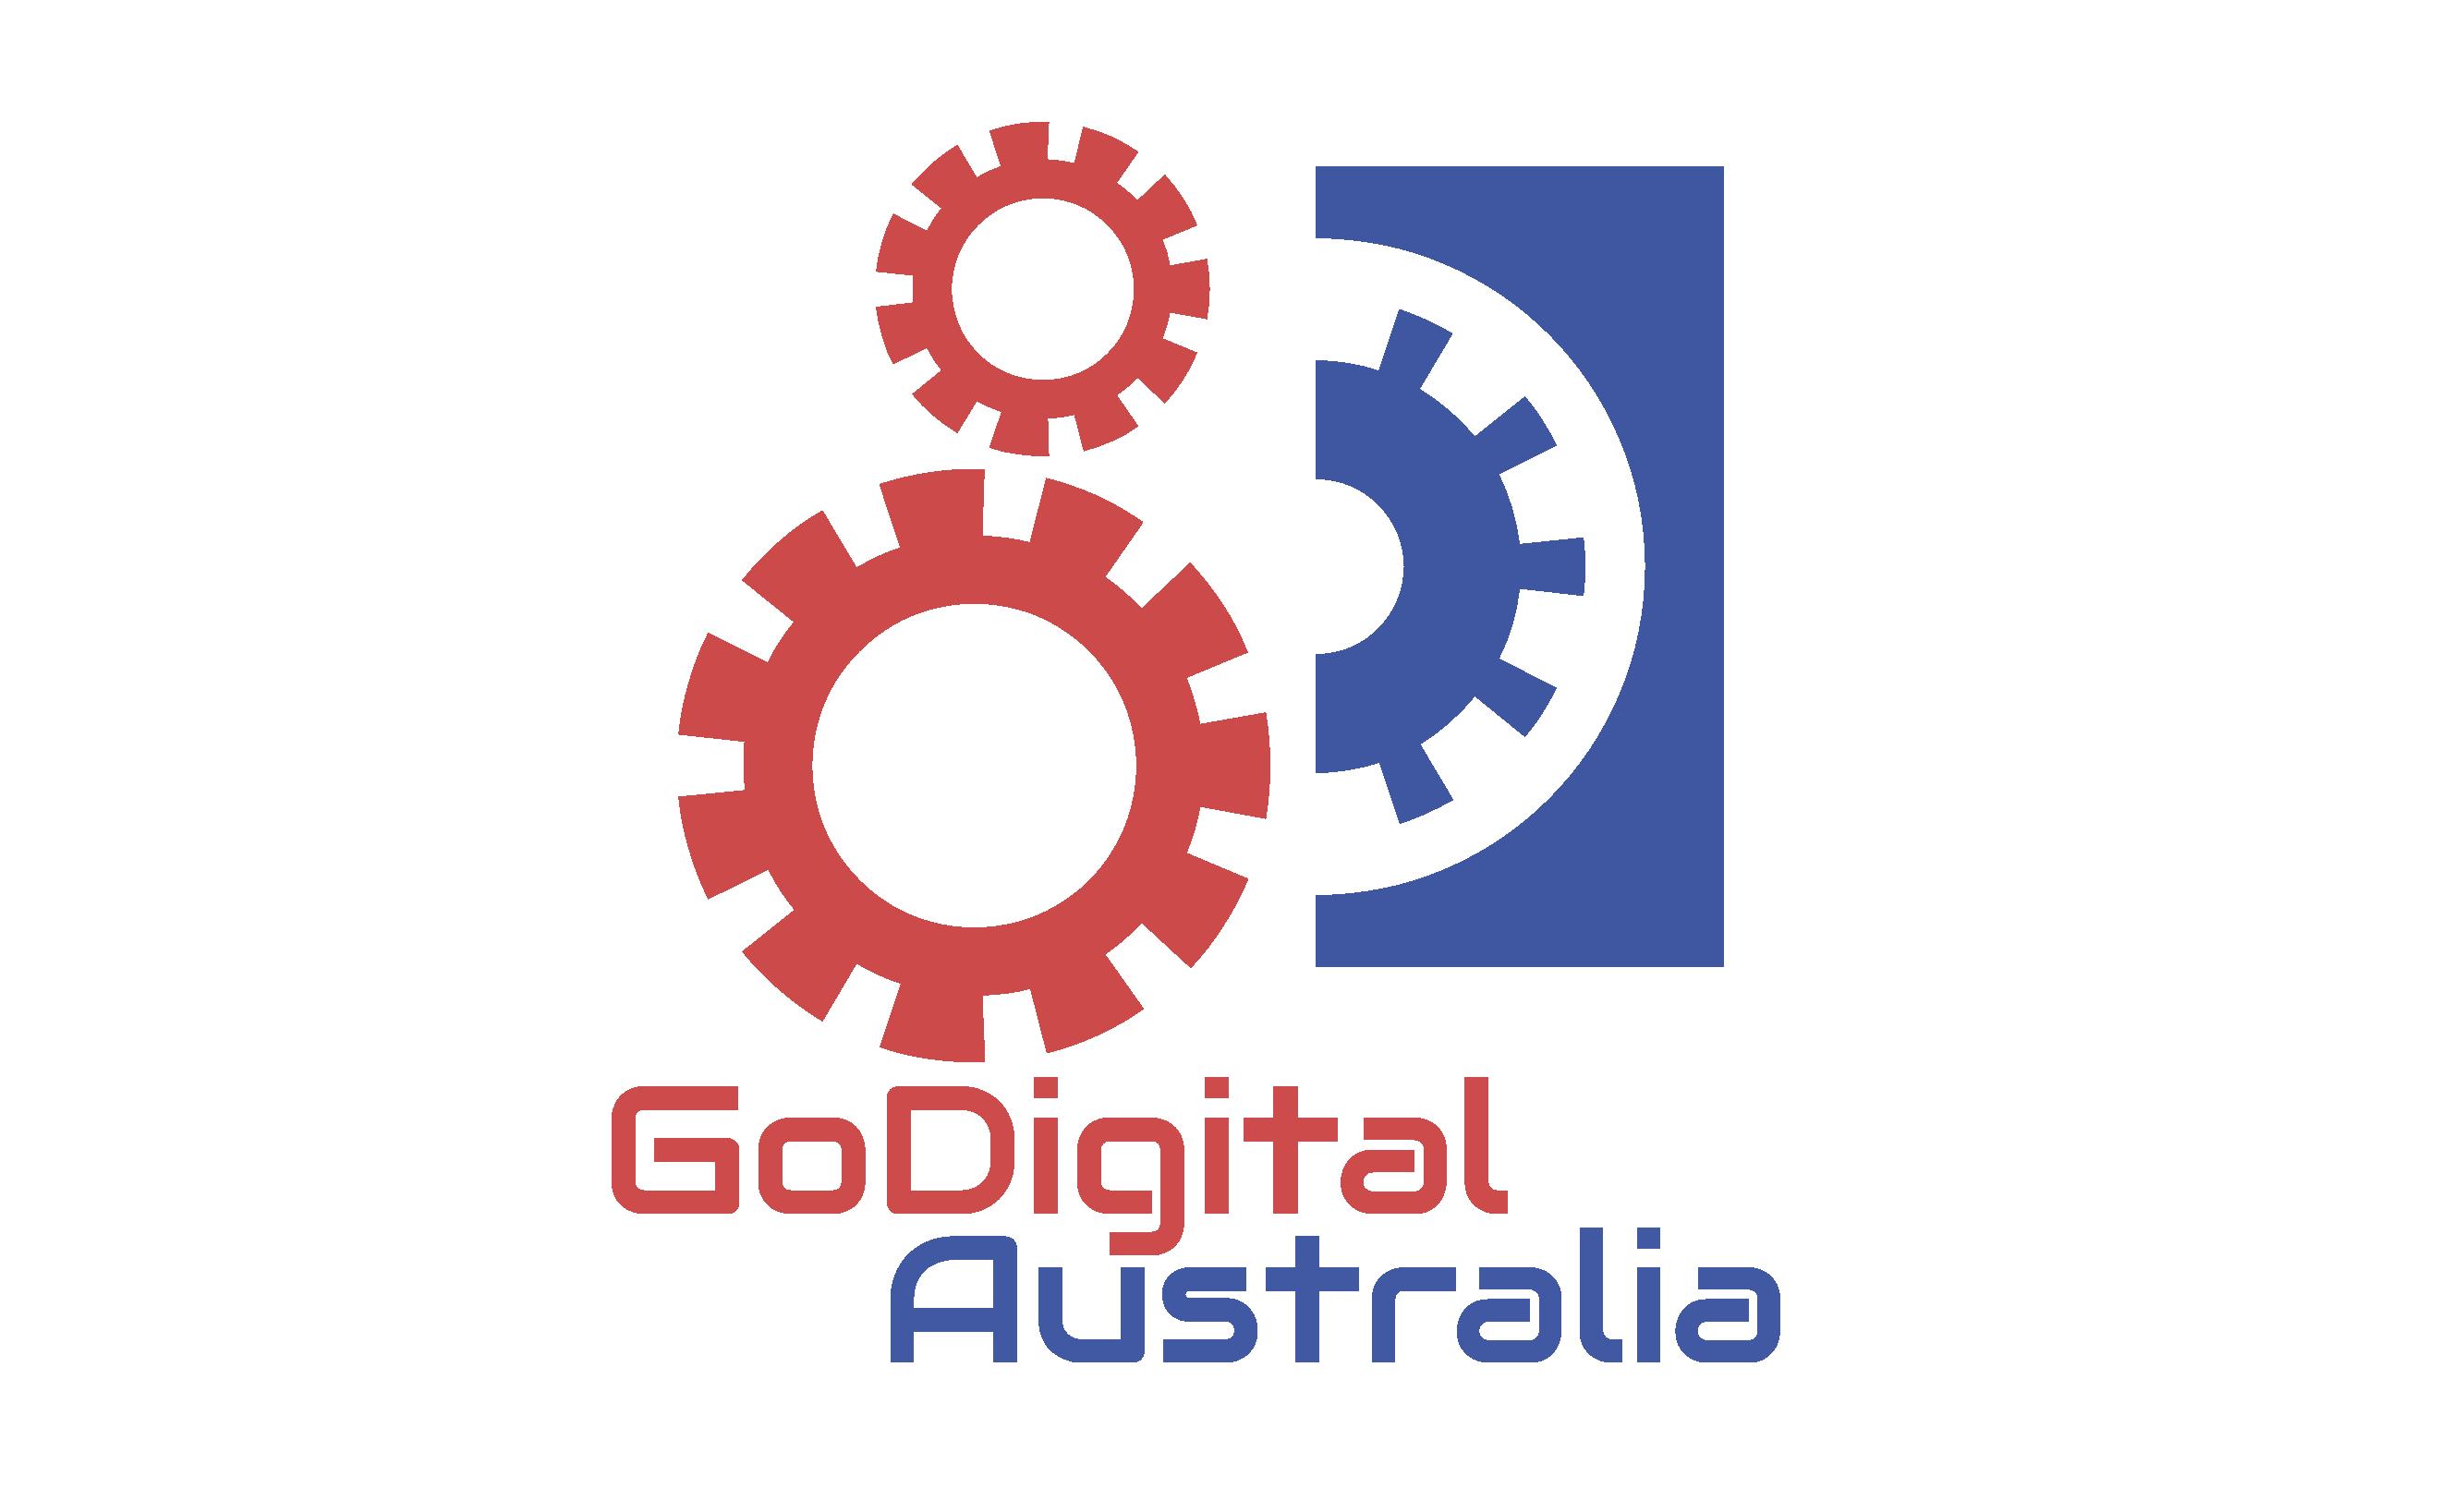 GoDigital Australia